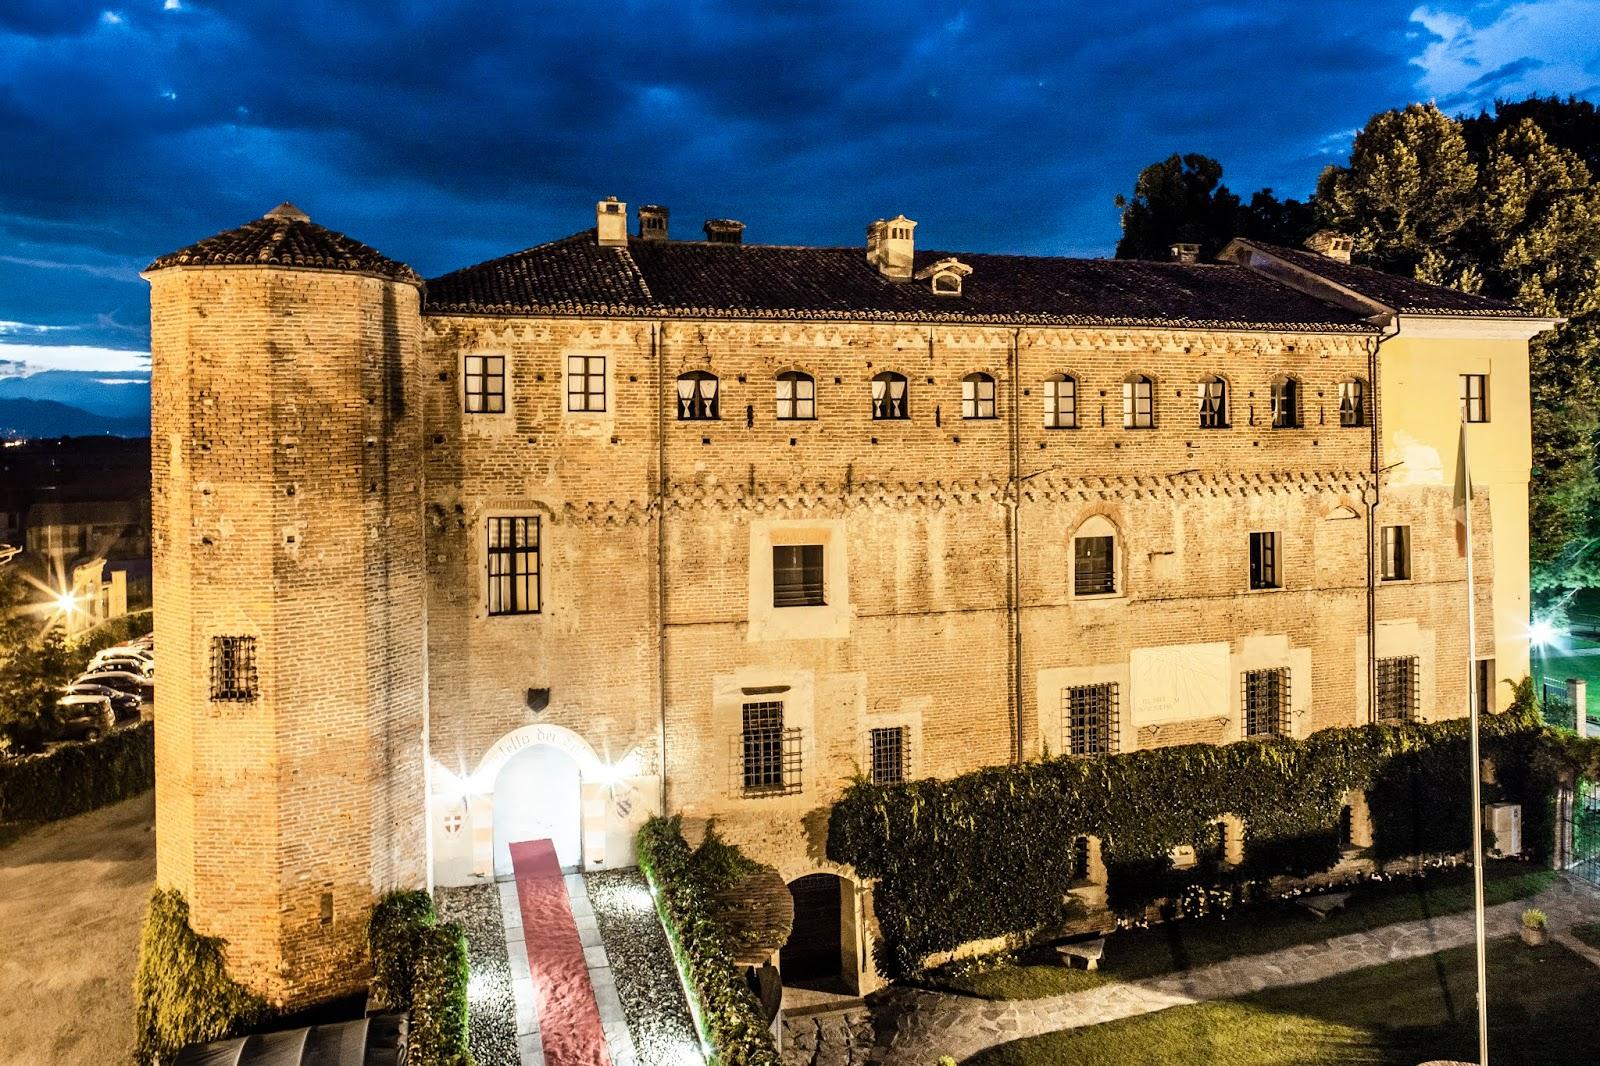 Castello dei Solaro, location matrimoni in esclusiva